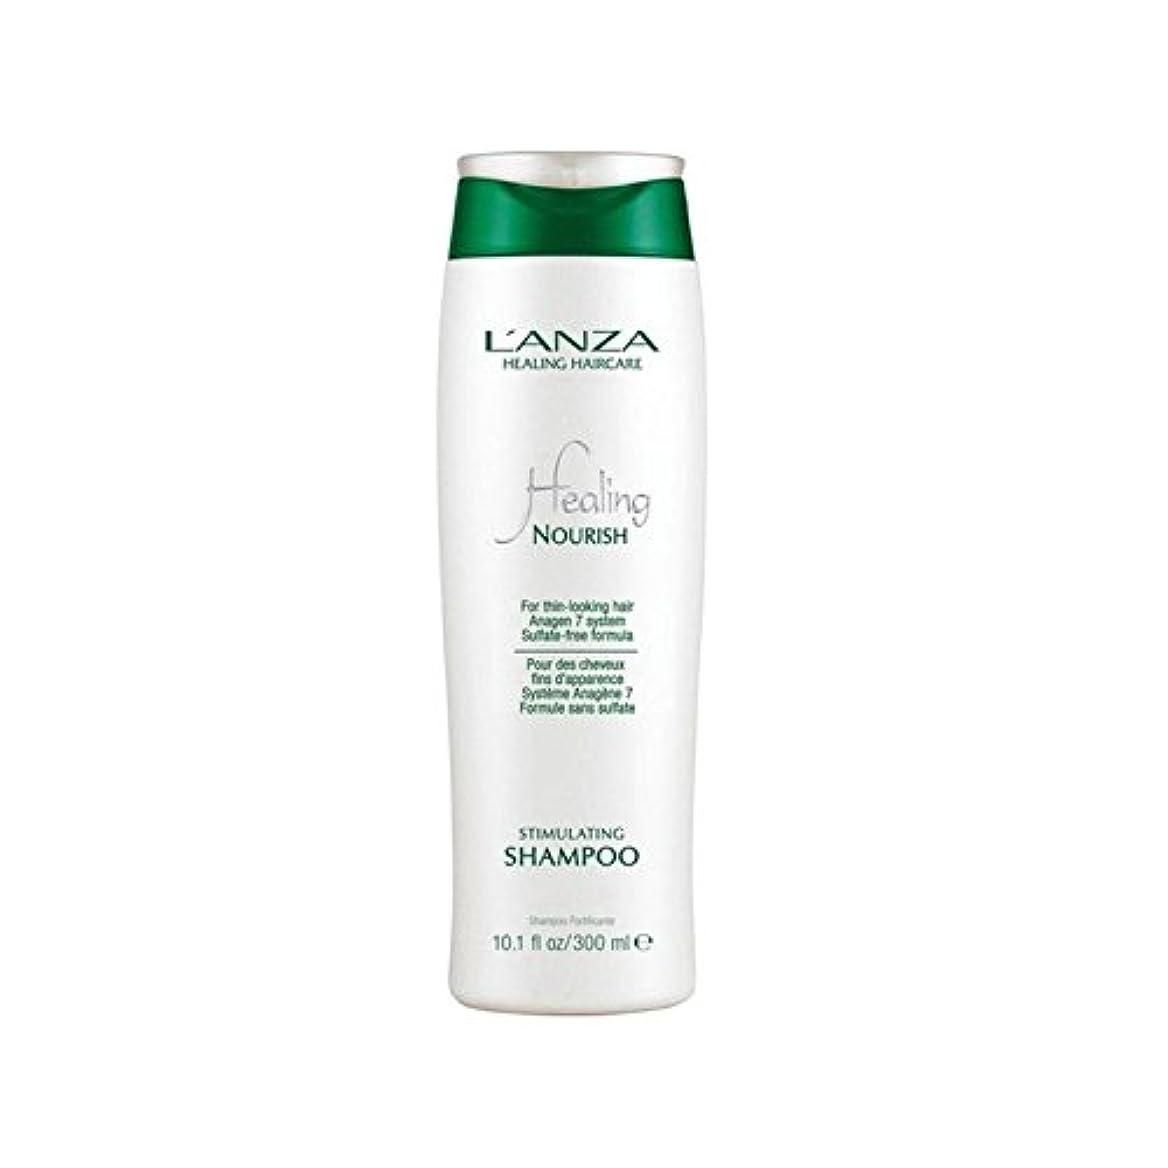 彼自身批判前任者L'Anza Healing Nourish Stimulating Shampoo (300ml) - アンザ治癒はシャンプーを刺激養う(300ミリリットル) [並行輸入品]